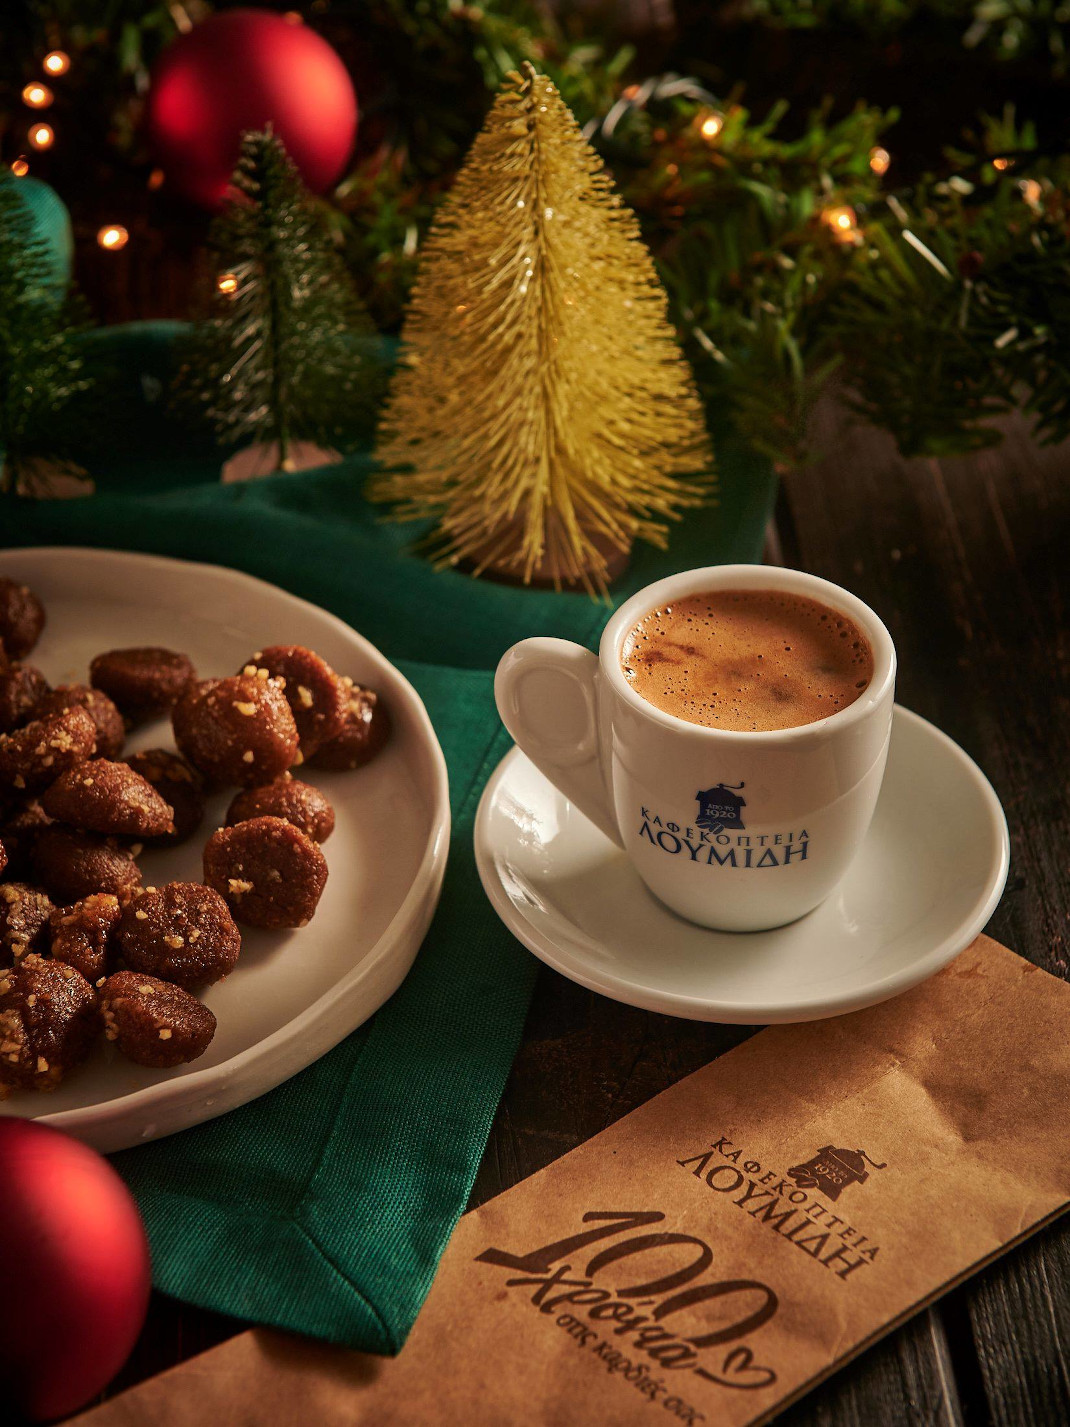 Μαγικά Χριστούγεννα στα Καφεκοπτεία Λουμίδη